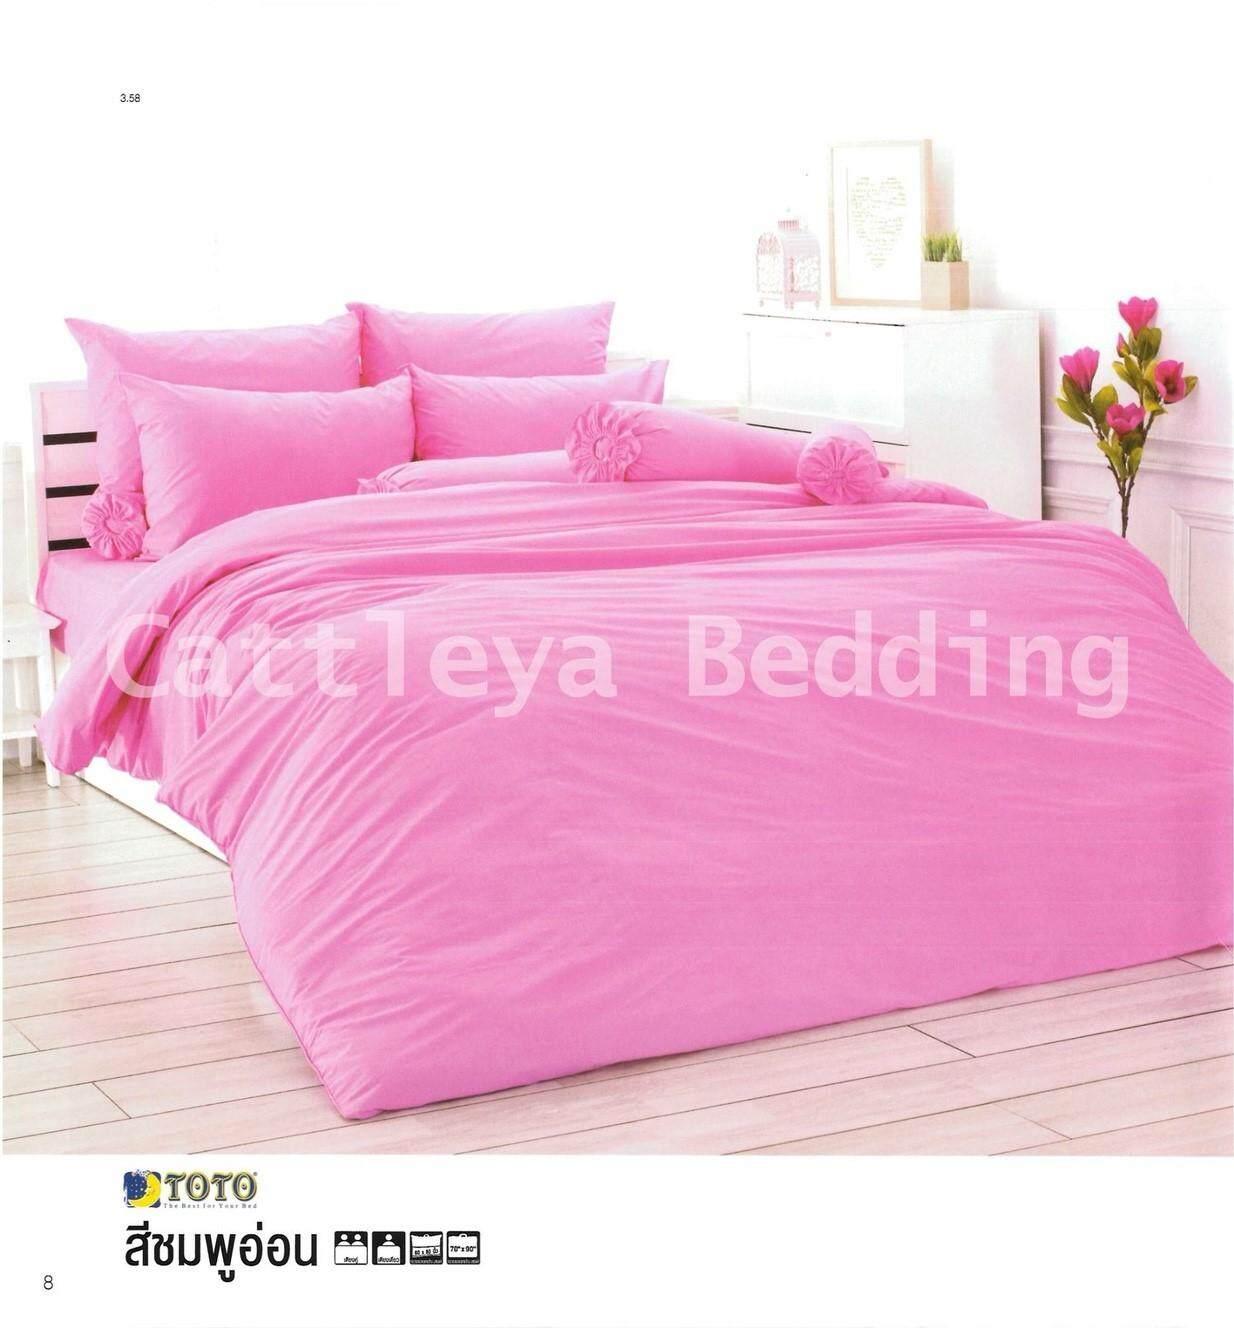 ผ้าปูที่นอน 3.5 ฟุต โตโต้ ( Toto ) สีชมพูอ่อน (ไม่รวมผ้านวม).